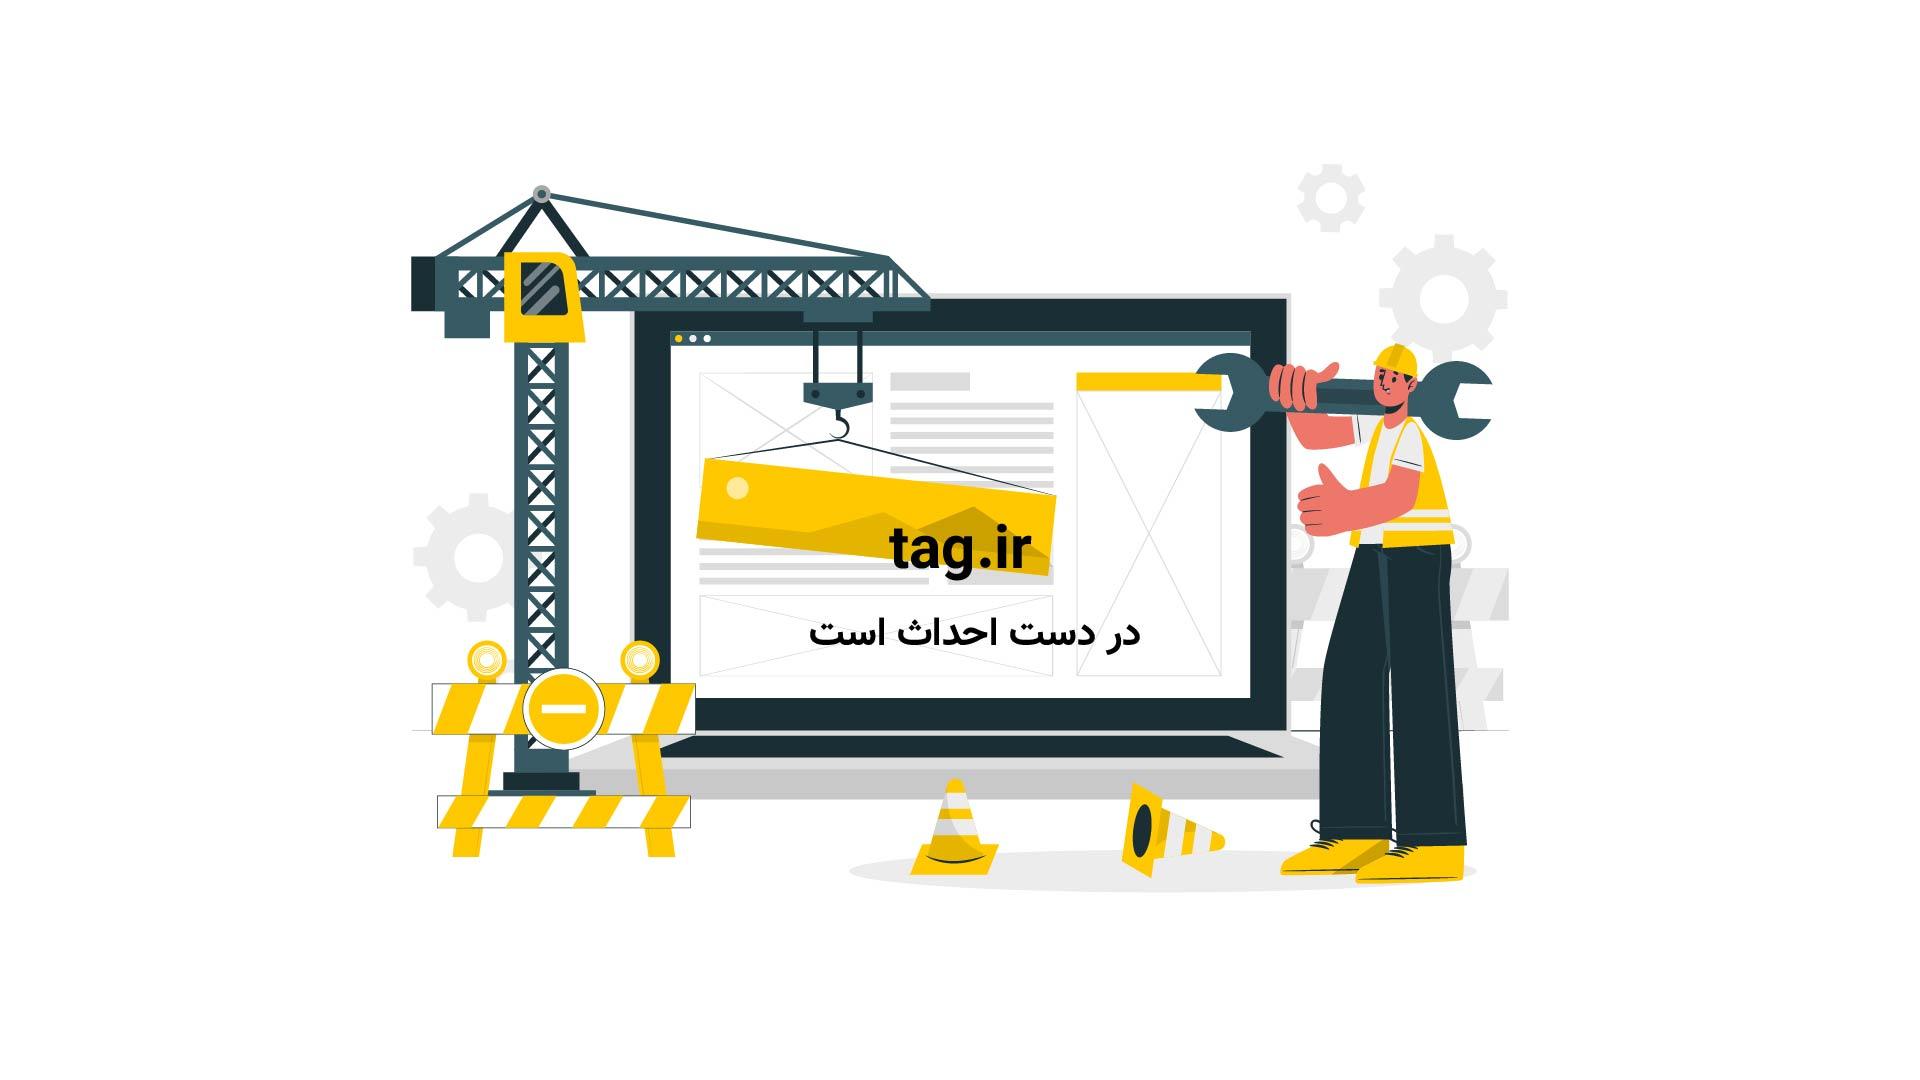 آموزش درست کردن کارت تبریک با طرح پروانه | فیلم